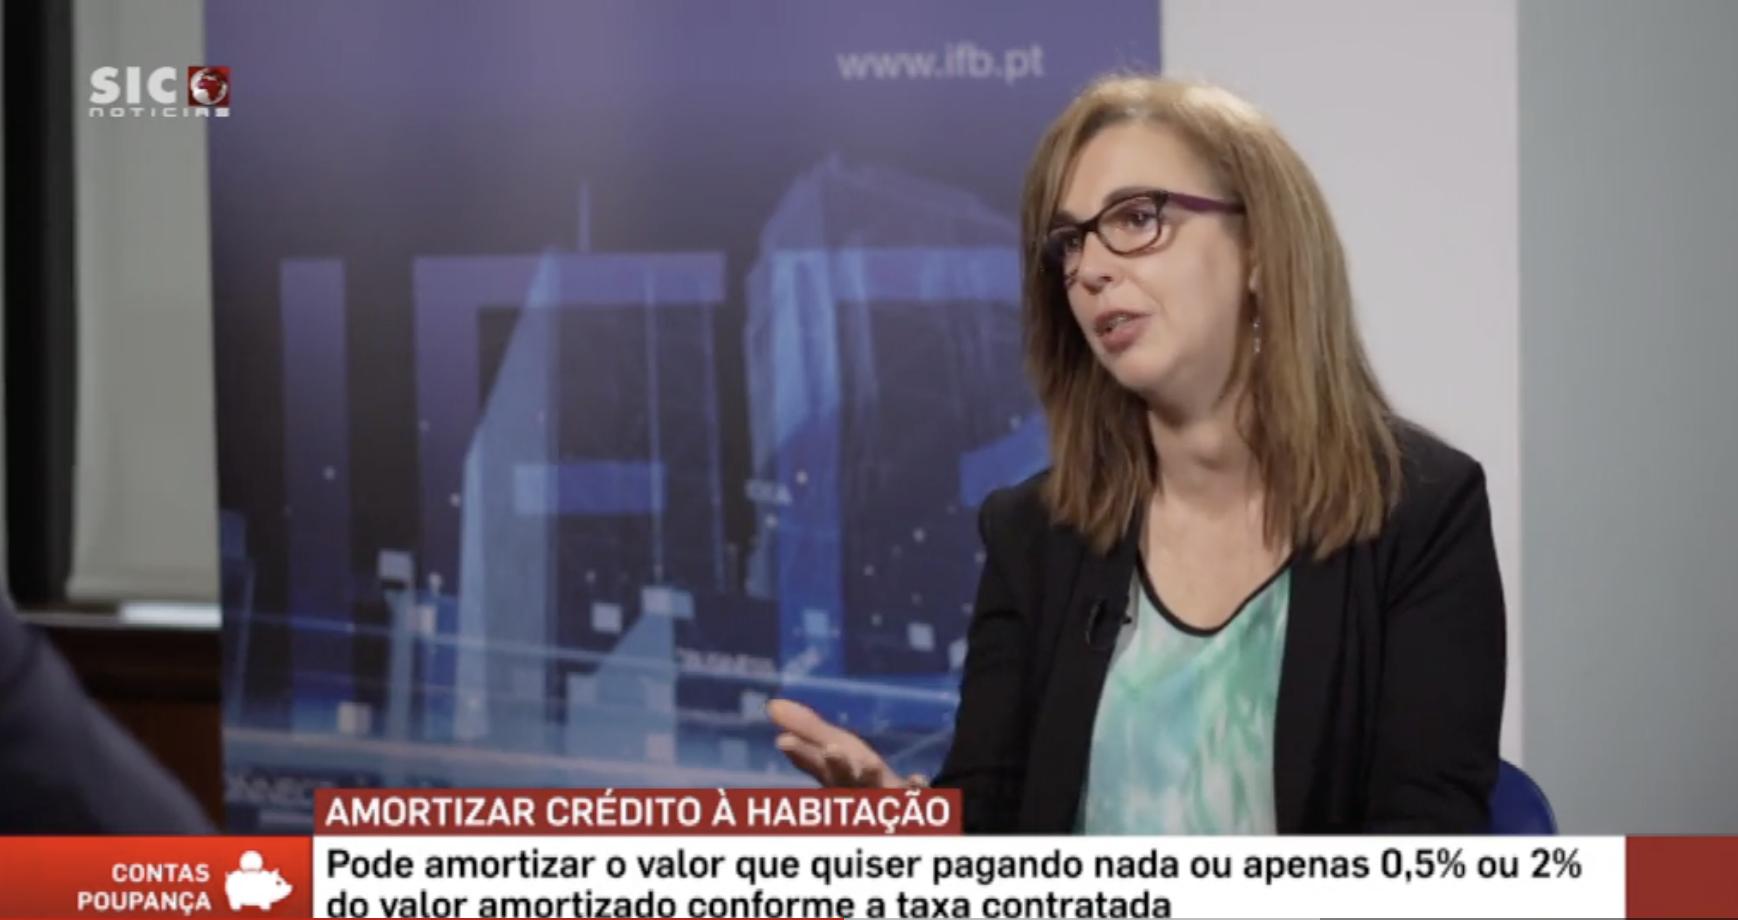 IFB-SIC-Noticias_13-10-2019-1